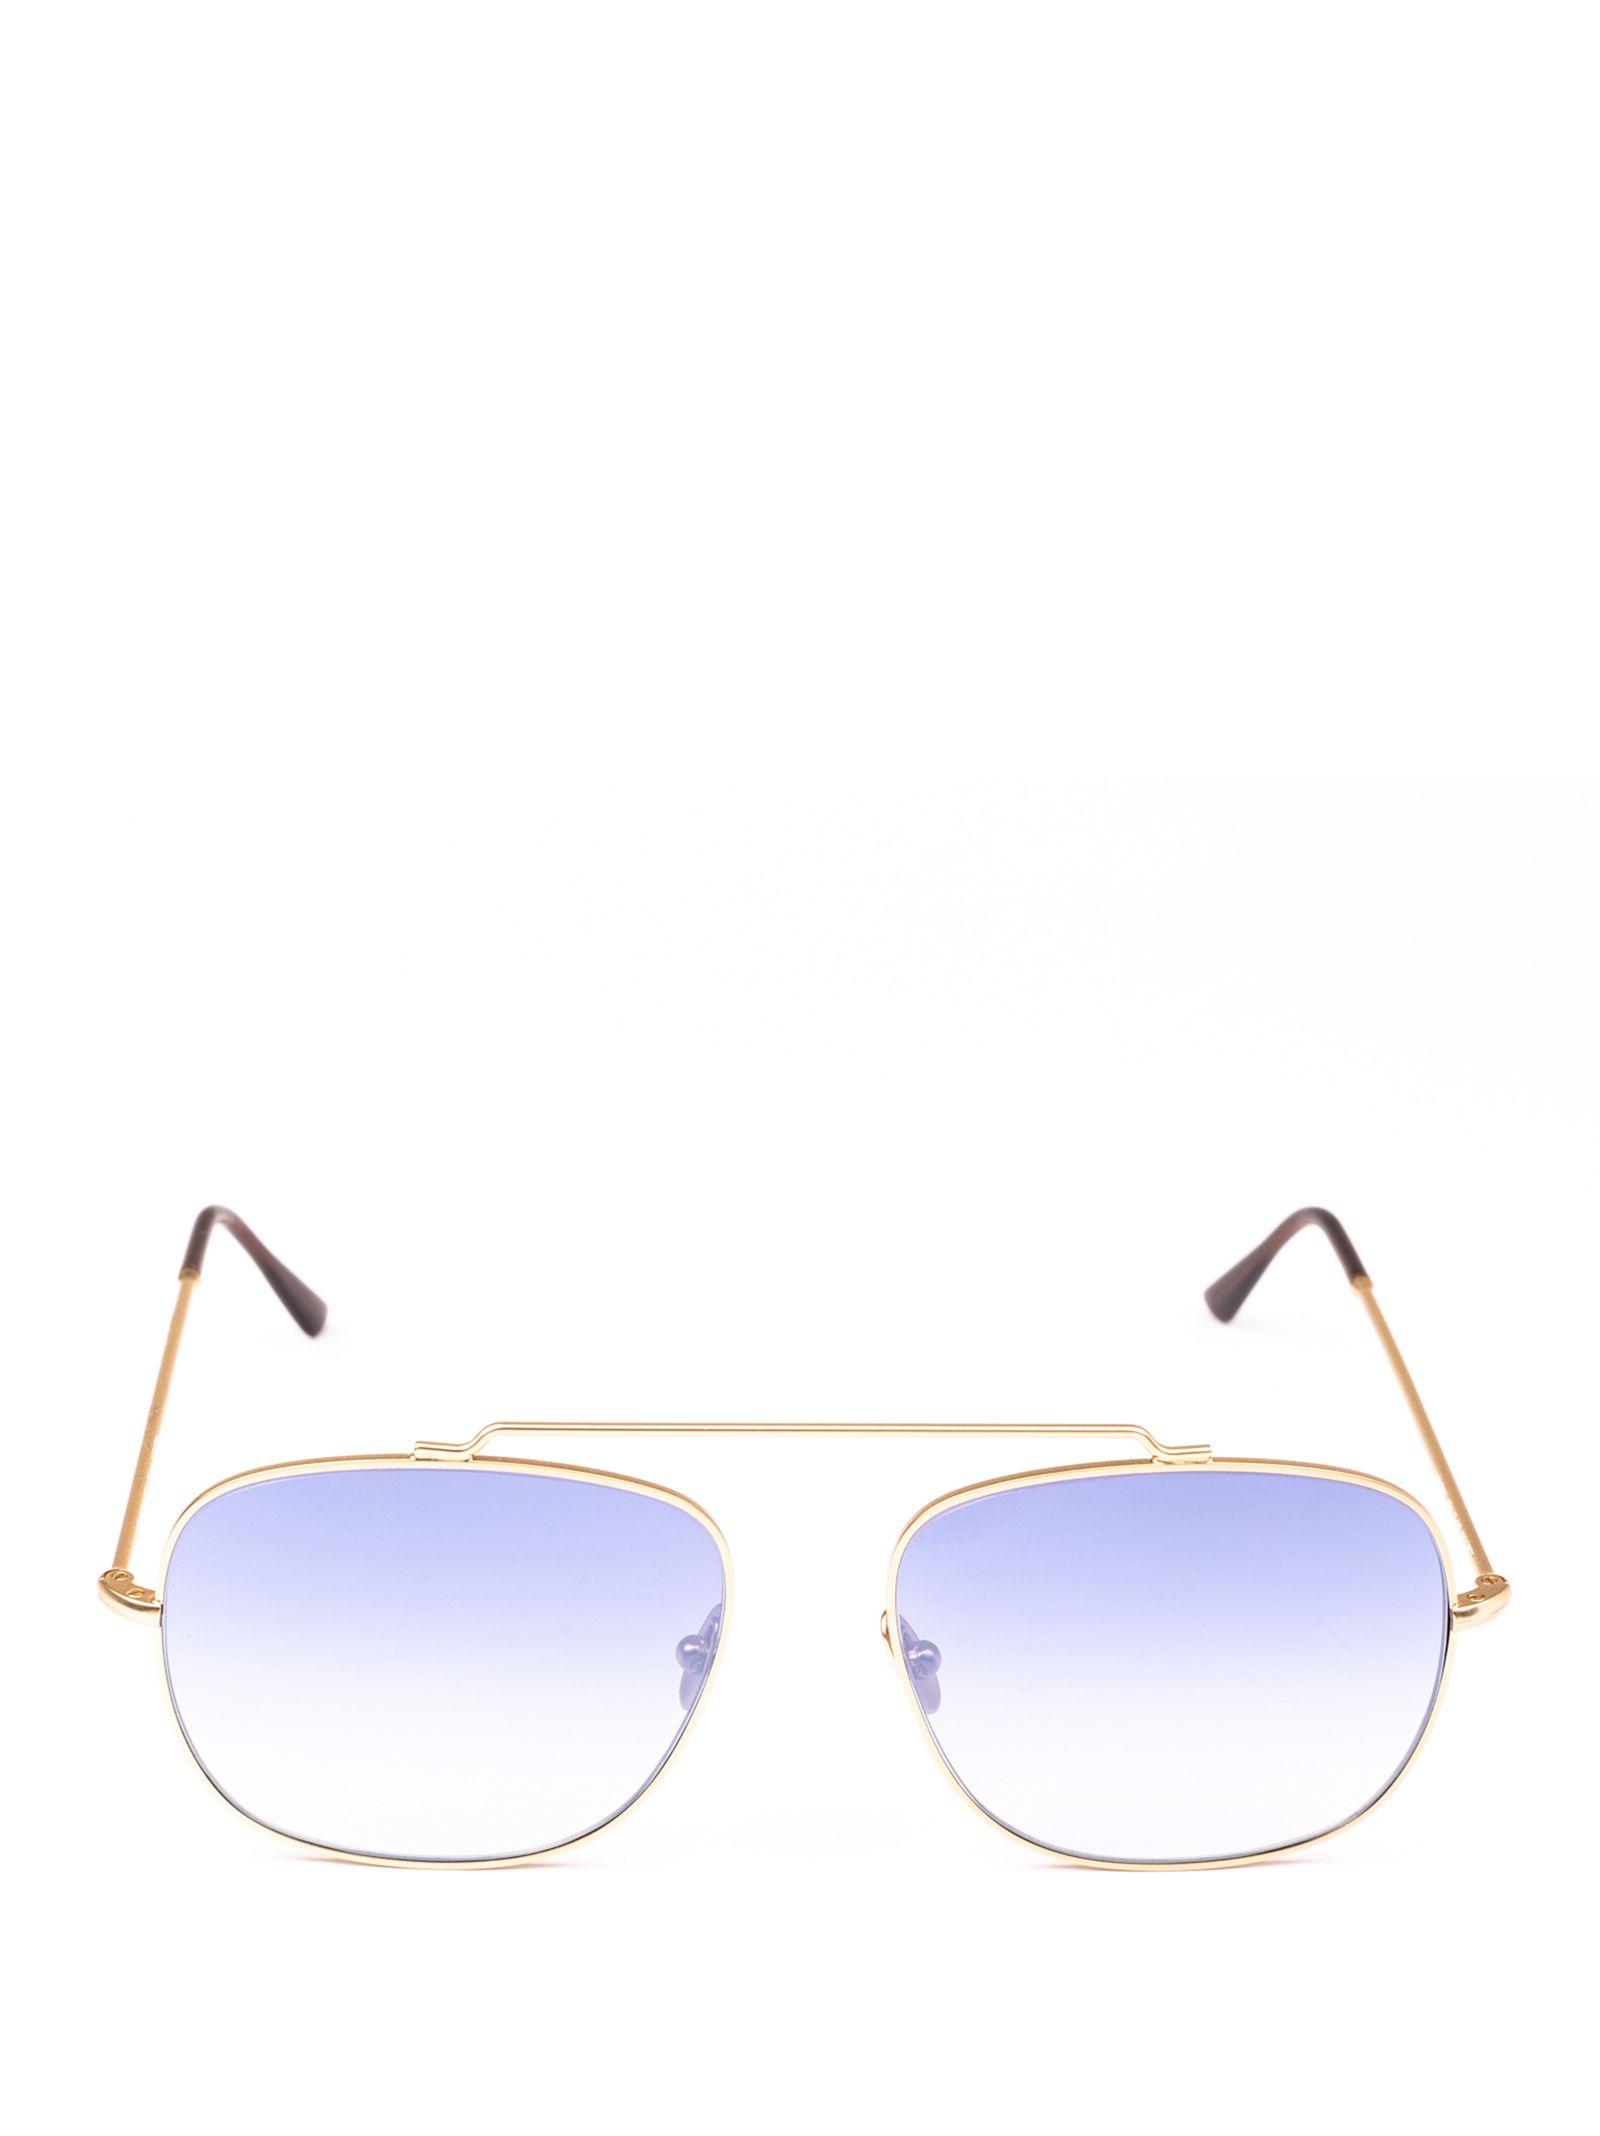 SPEKTRE Sunglasses in Mo02Bft